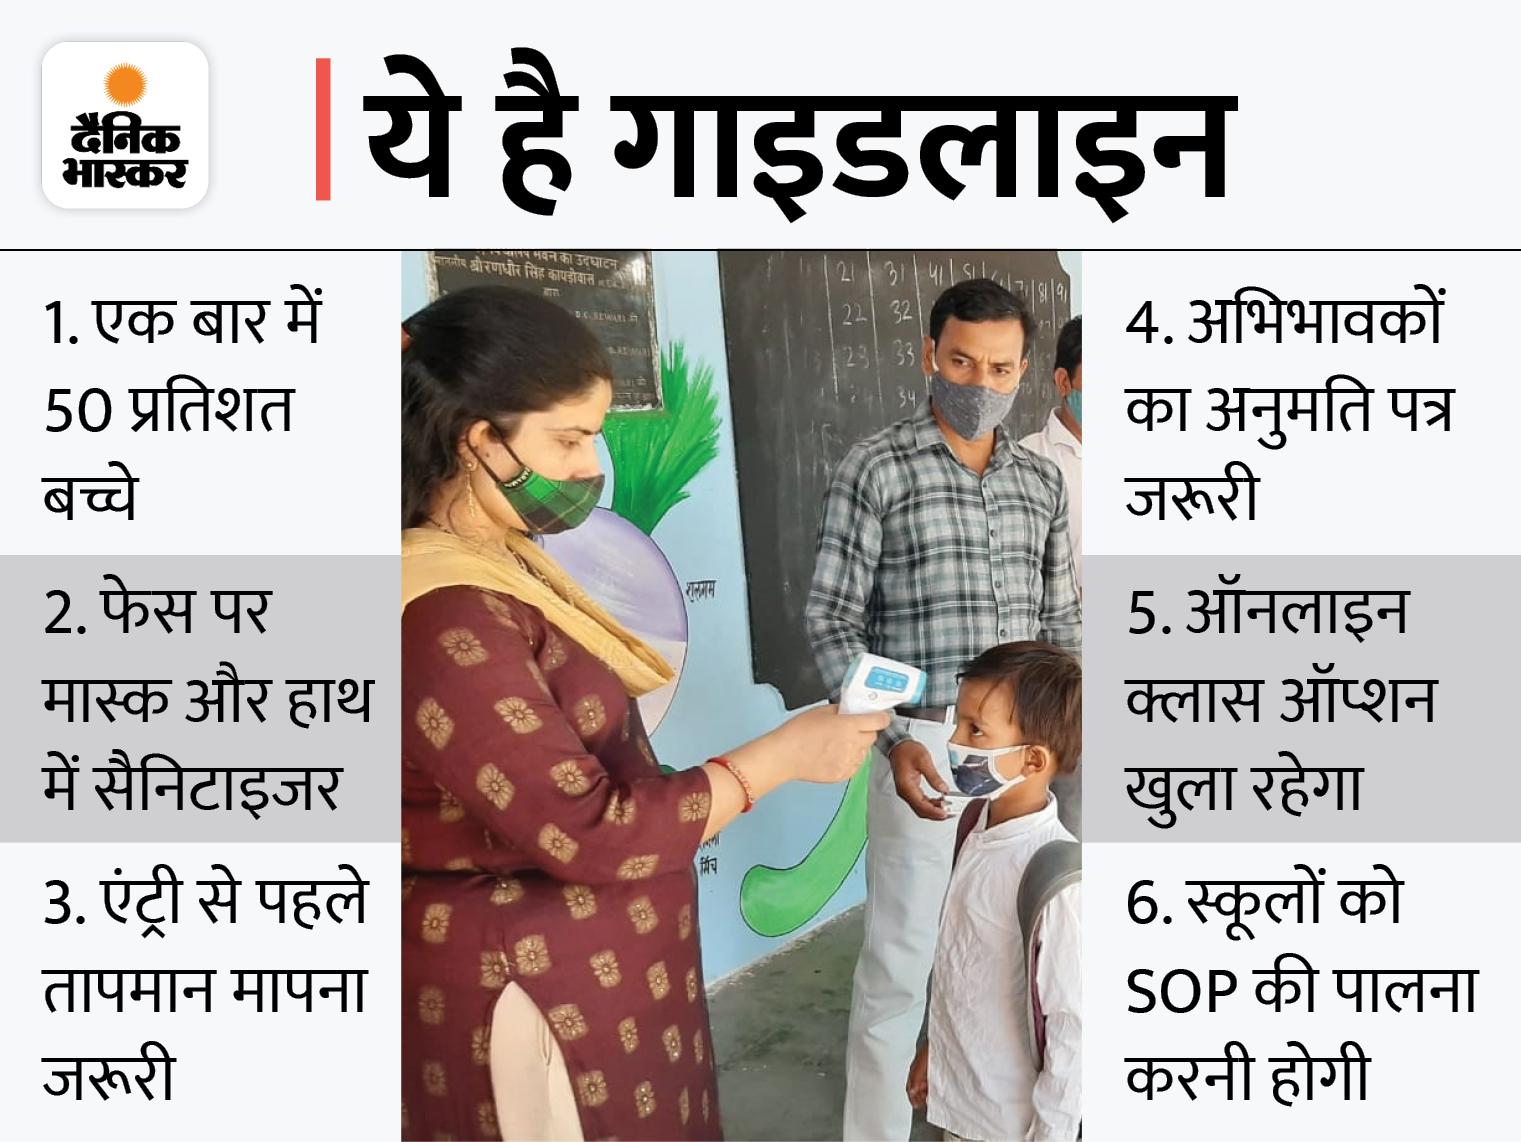 6 महीने से बंद पाठशालाओं में लौटी रौनक; एंट्री के लिए अभिभावकों की अनुमति जरूरी, SOP का पालन करने के निर्देश रेवाड़ी,Rewari - Dainik Bhaskar